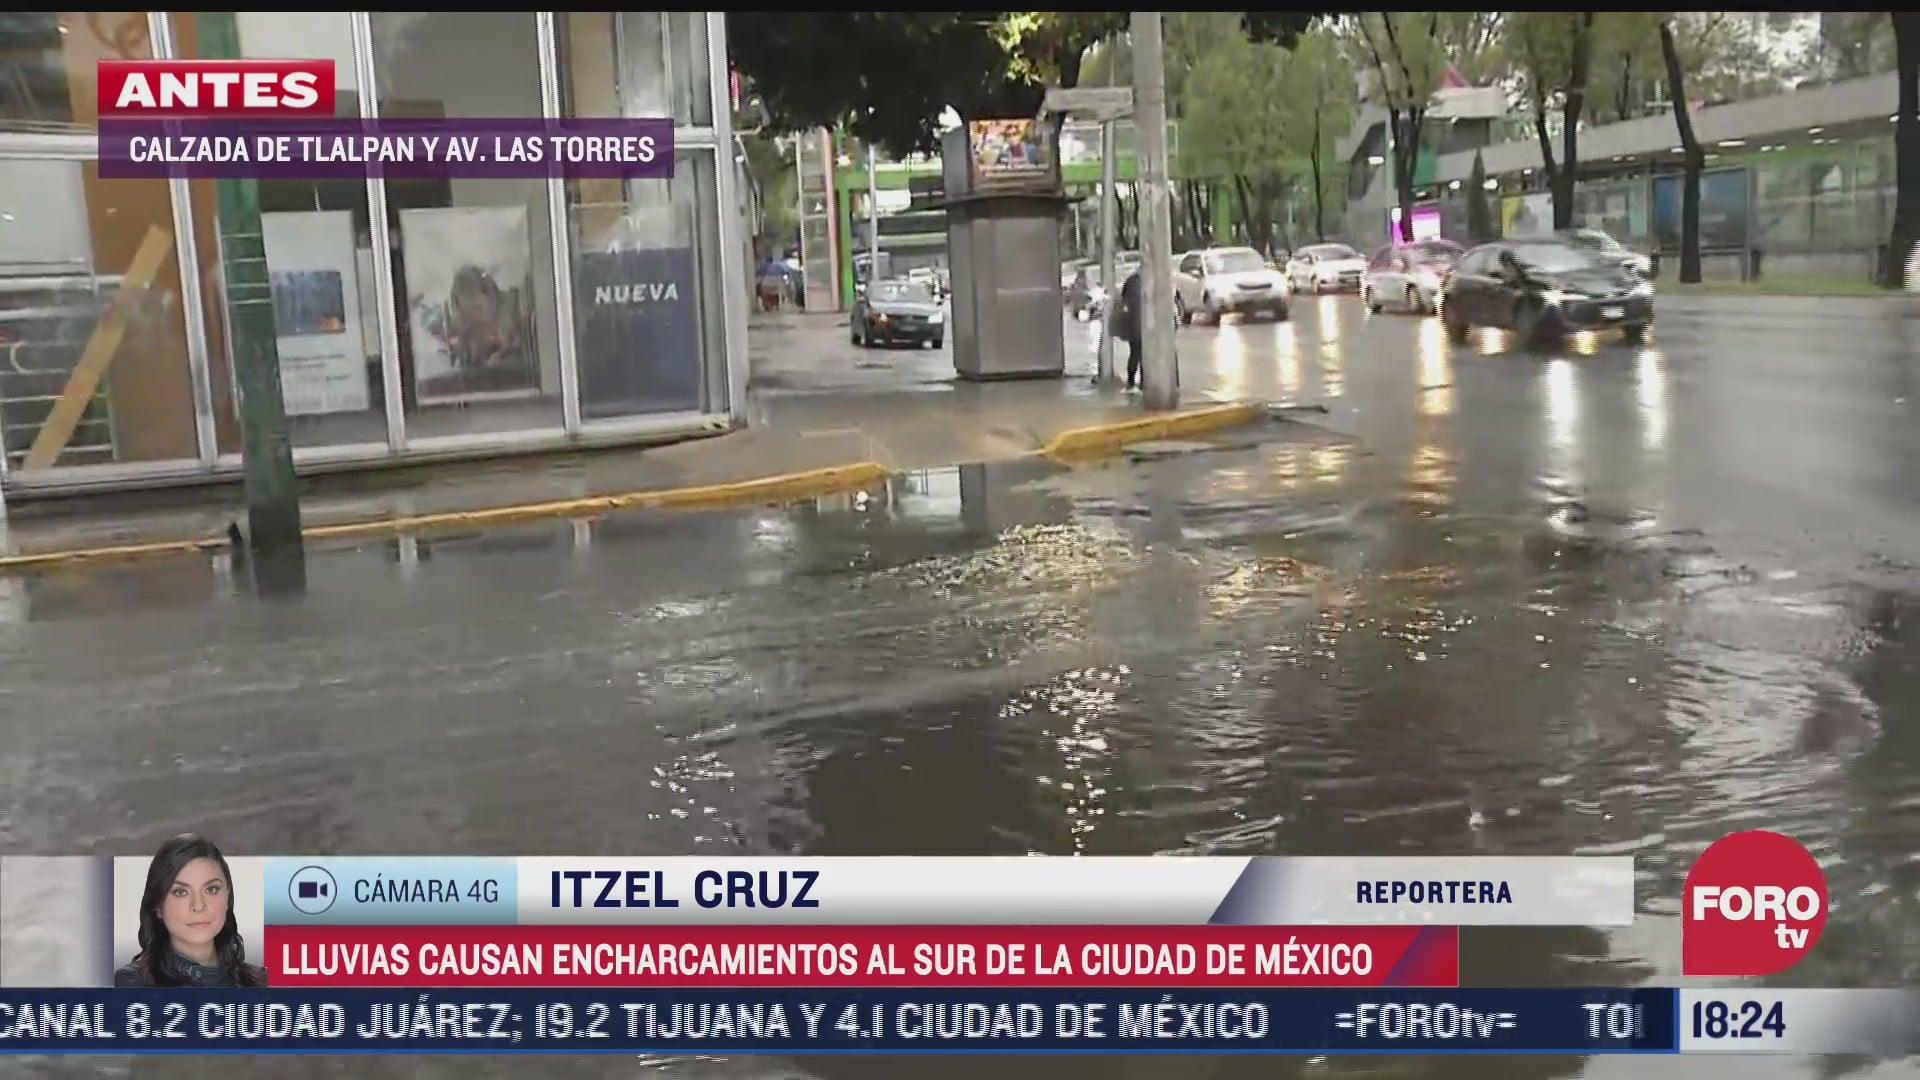 lluvias dejan encharcamientos al sur de cdmx